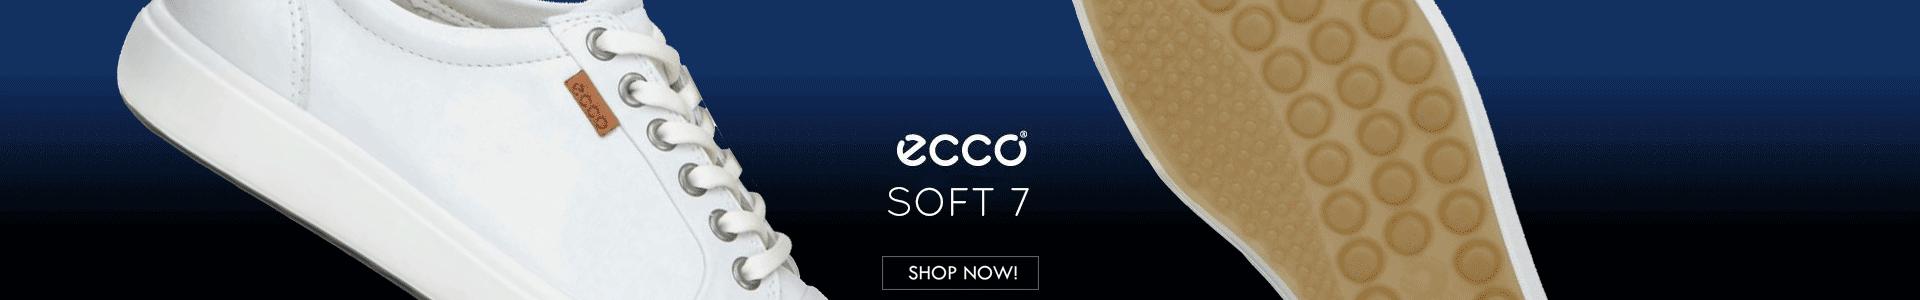 Shop Ecco Soft 7